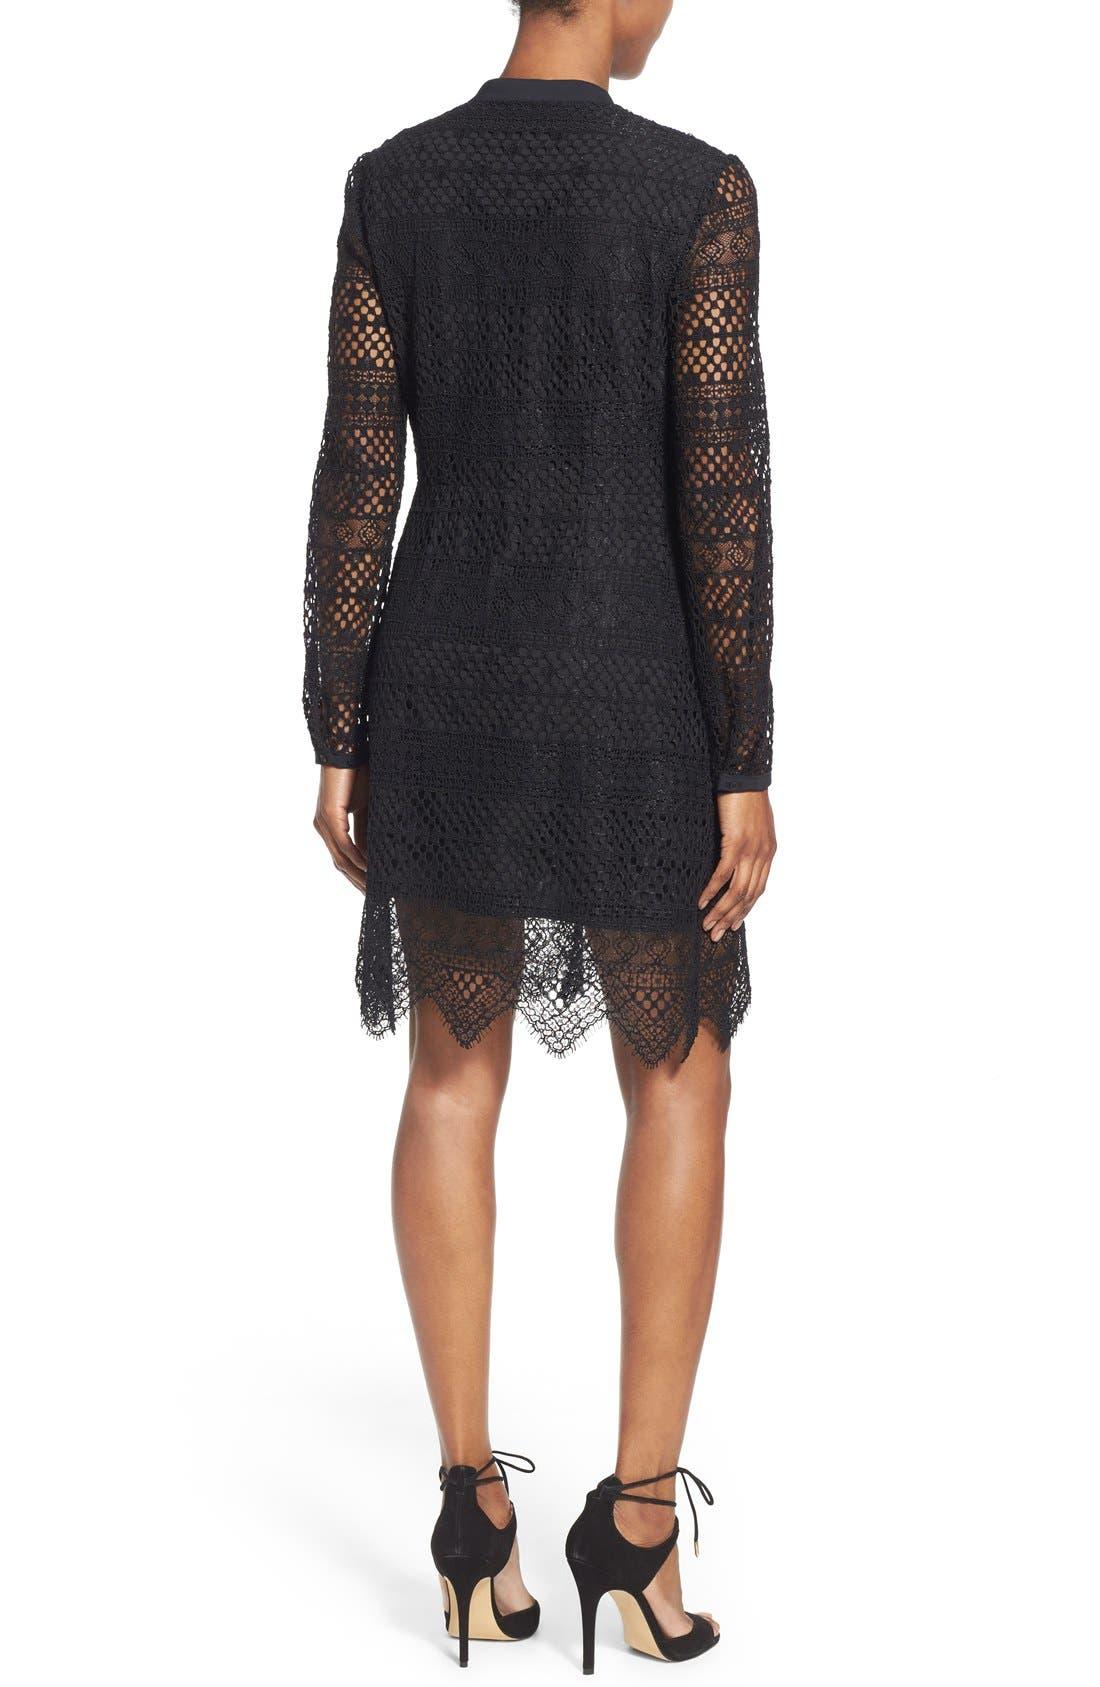 TAHARI,                             Elie Tahari 'Whitney' Split Neck Lace Sheath Dress,                             Alternate thumbnail 3, color,                             001